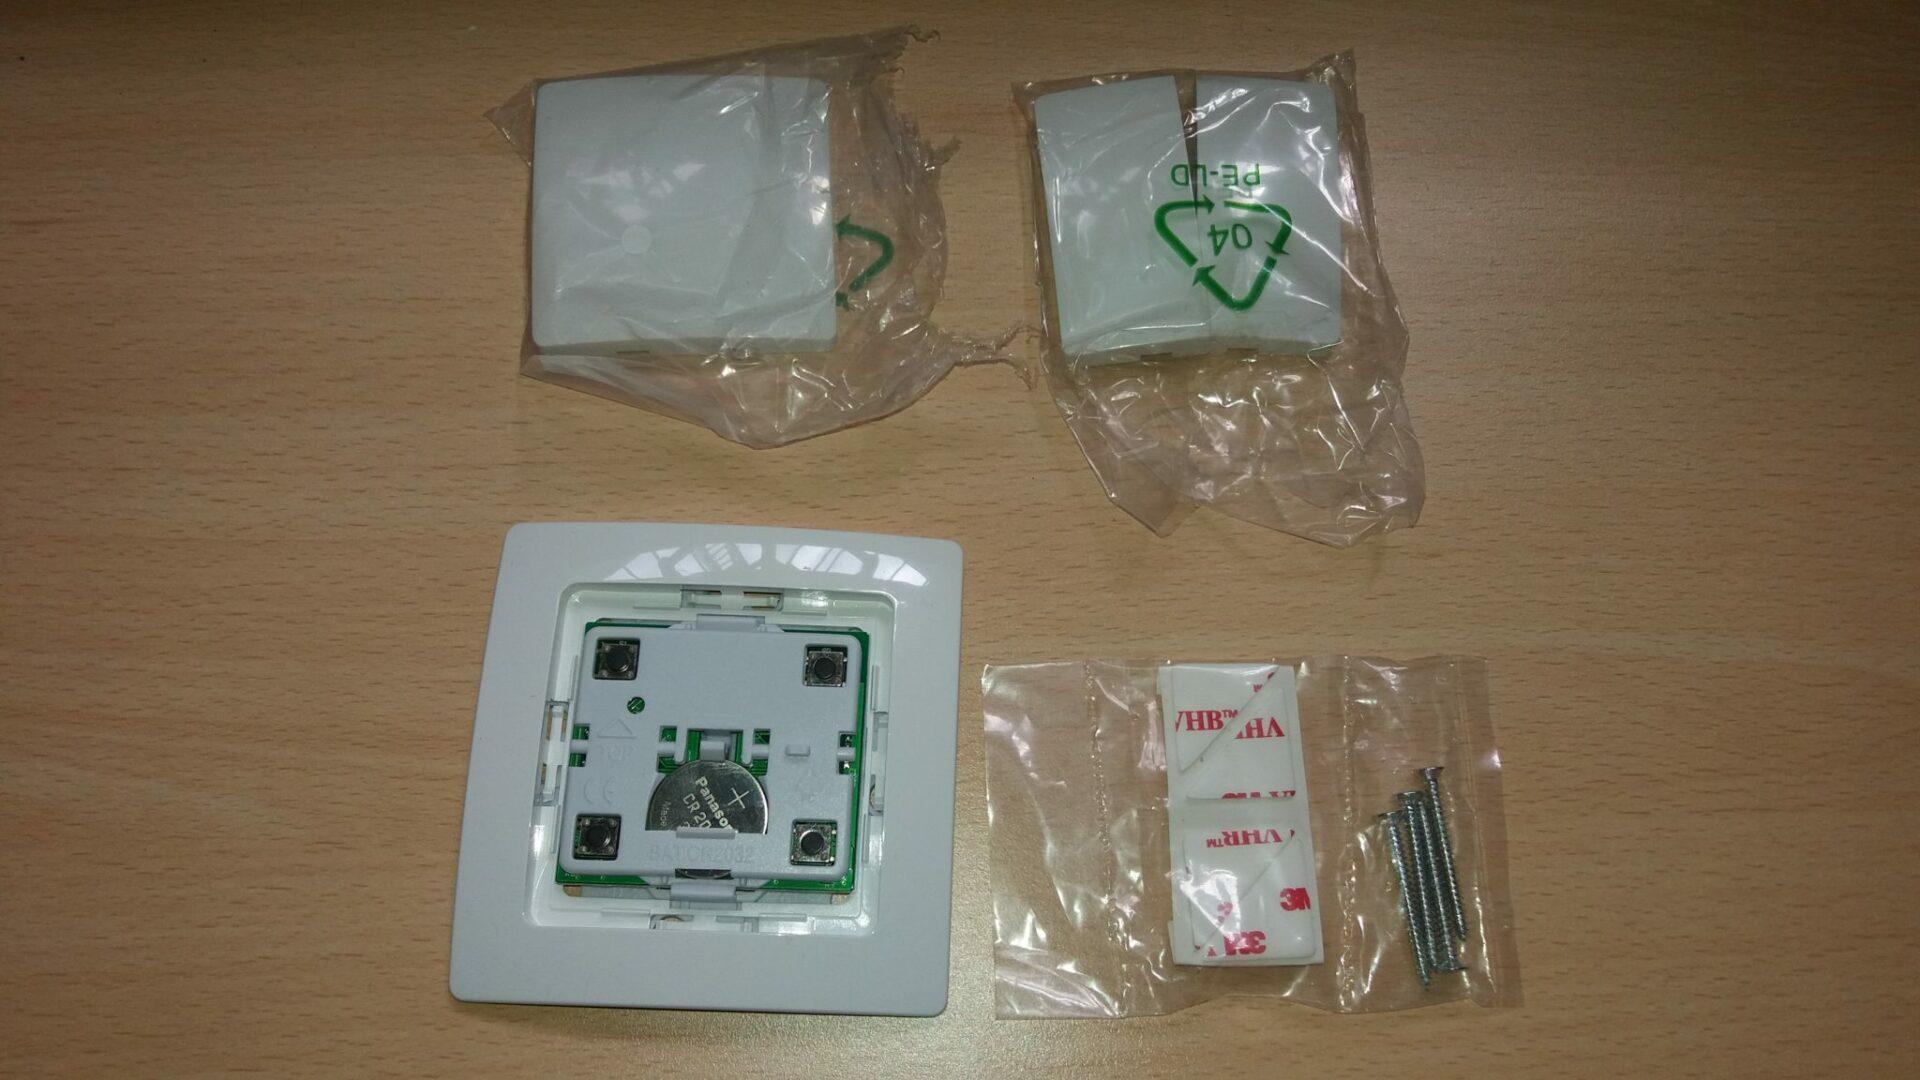 3-1-1 Présentation et test de l'interrupteur intelligent Home Control Devolo